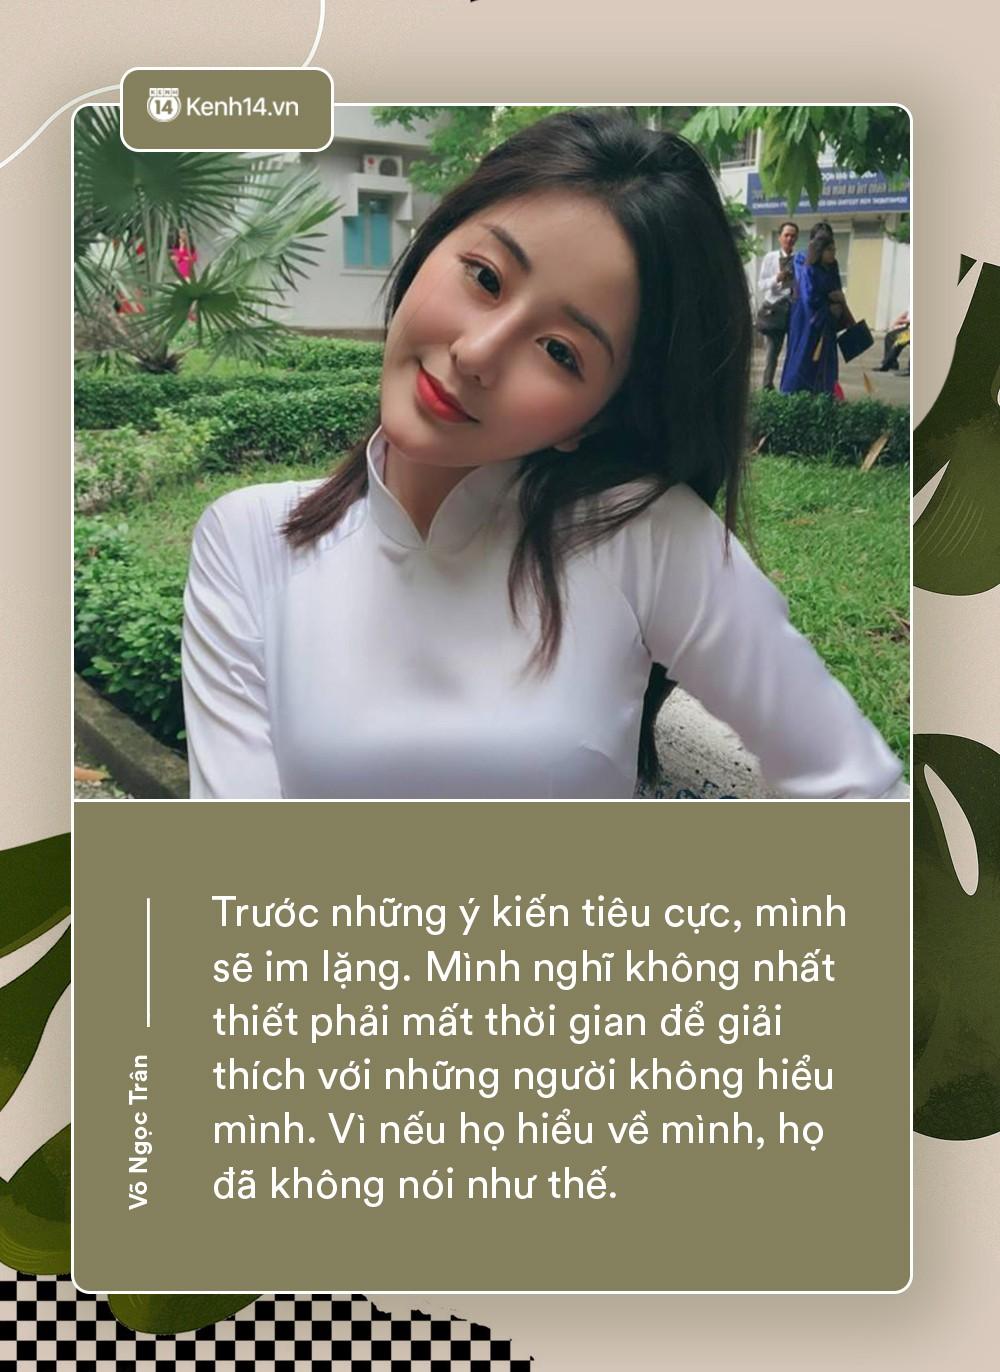 Võ Ngọc Trân - nữ sinh cấp 3 đang hot nhất Sài Gòn: Không cần người đẹp trai và quá giàu có, vì mình có thể kiếm được tiền - Ảnh 4.